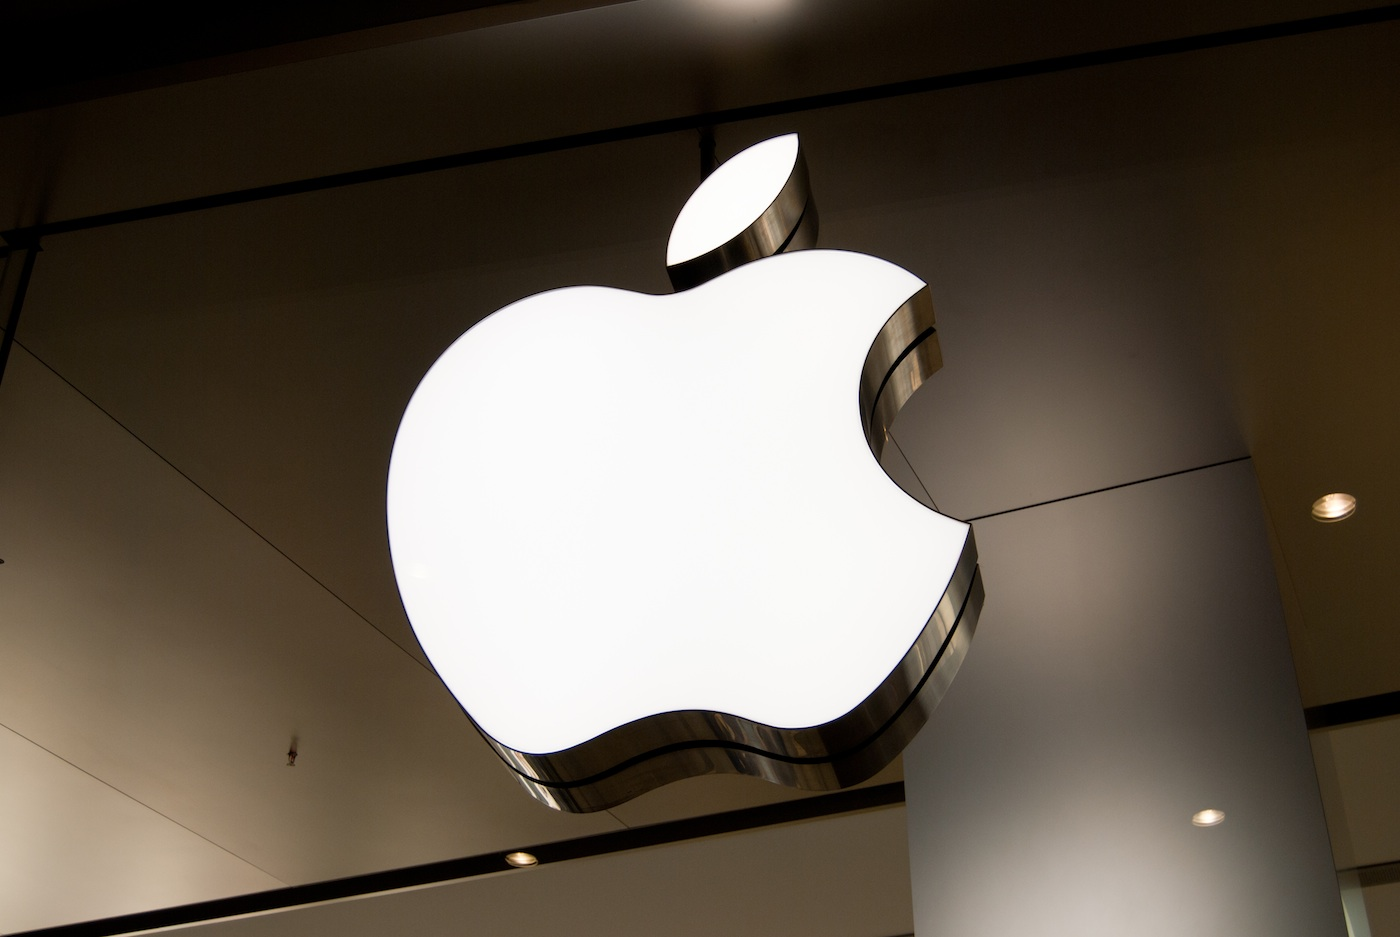 apple store a milano al posto dell'apollo